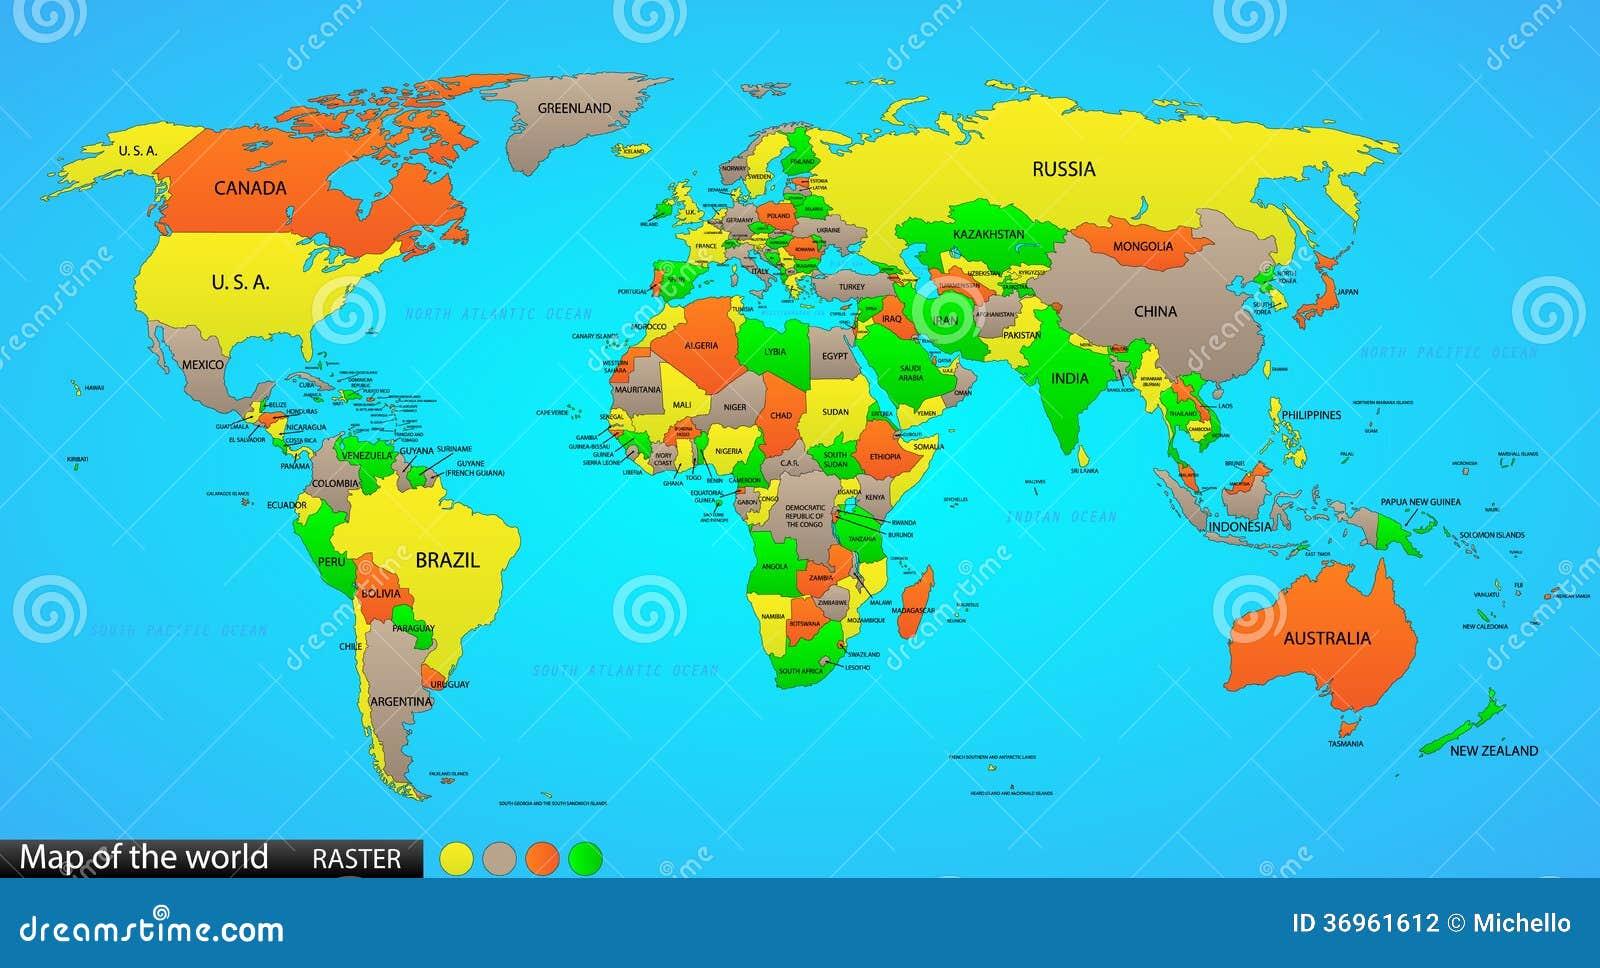 Cartina Mondo Con Capitali.Infornare Caffe Discesa Cartina Del Mondo Con Capitali Amazon Settimanaciclisticalombarda It